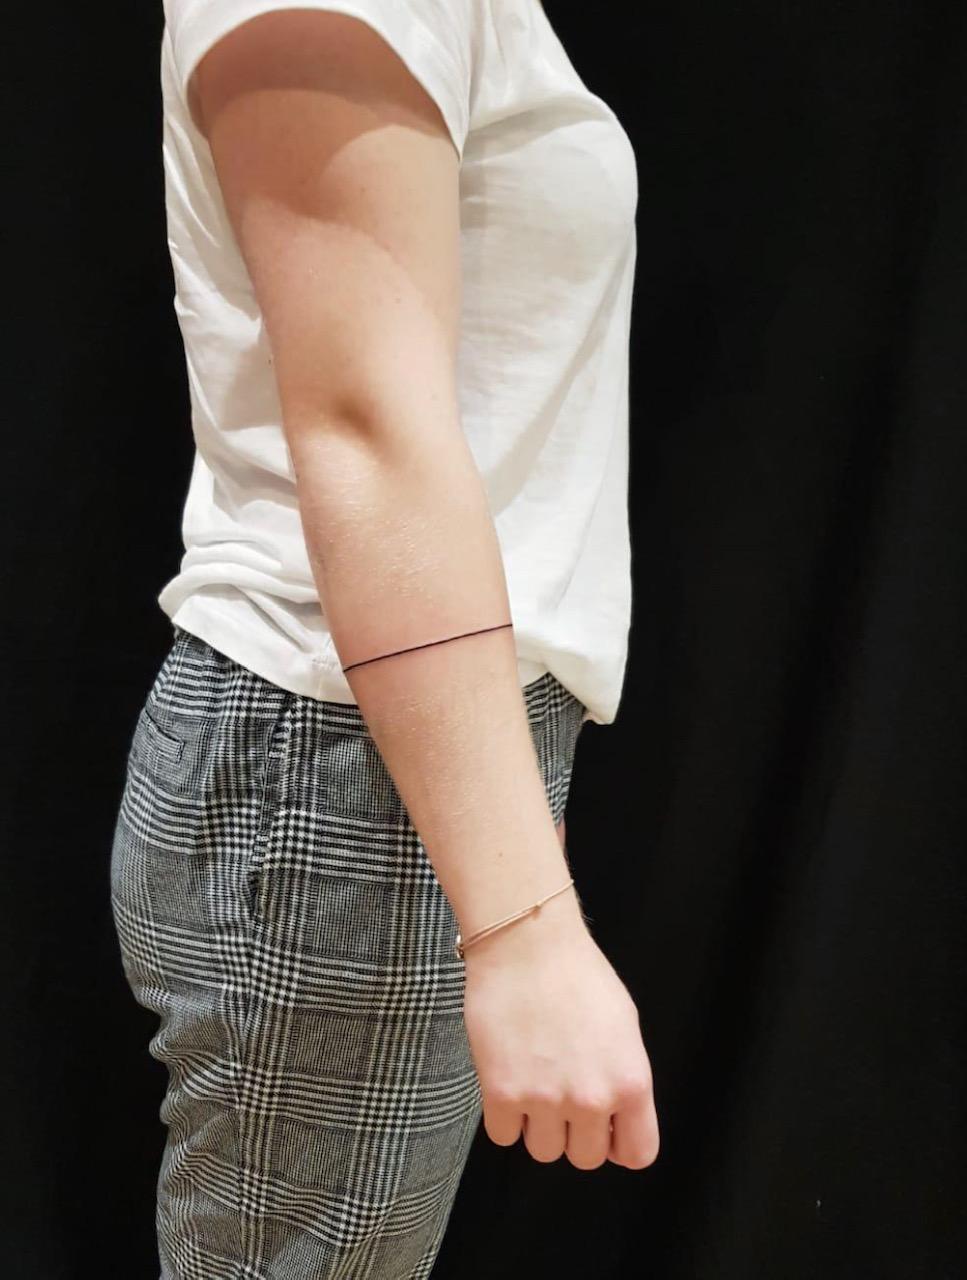 tattoo studio anansi münchen munich minimalismus fine line kreis kleines tattoo tiny best bester bestes